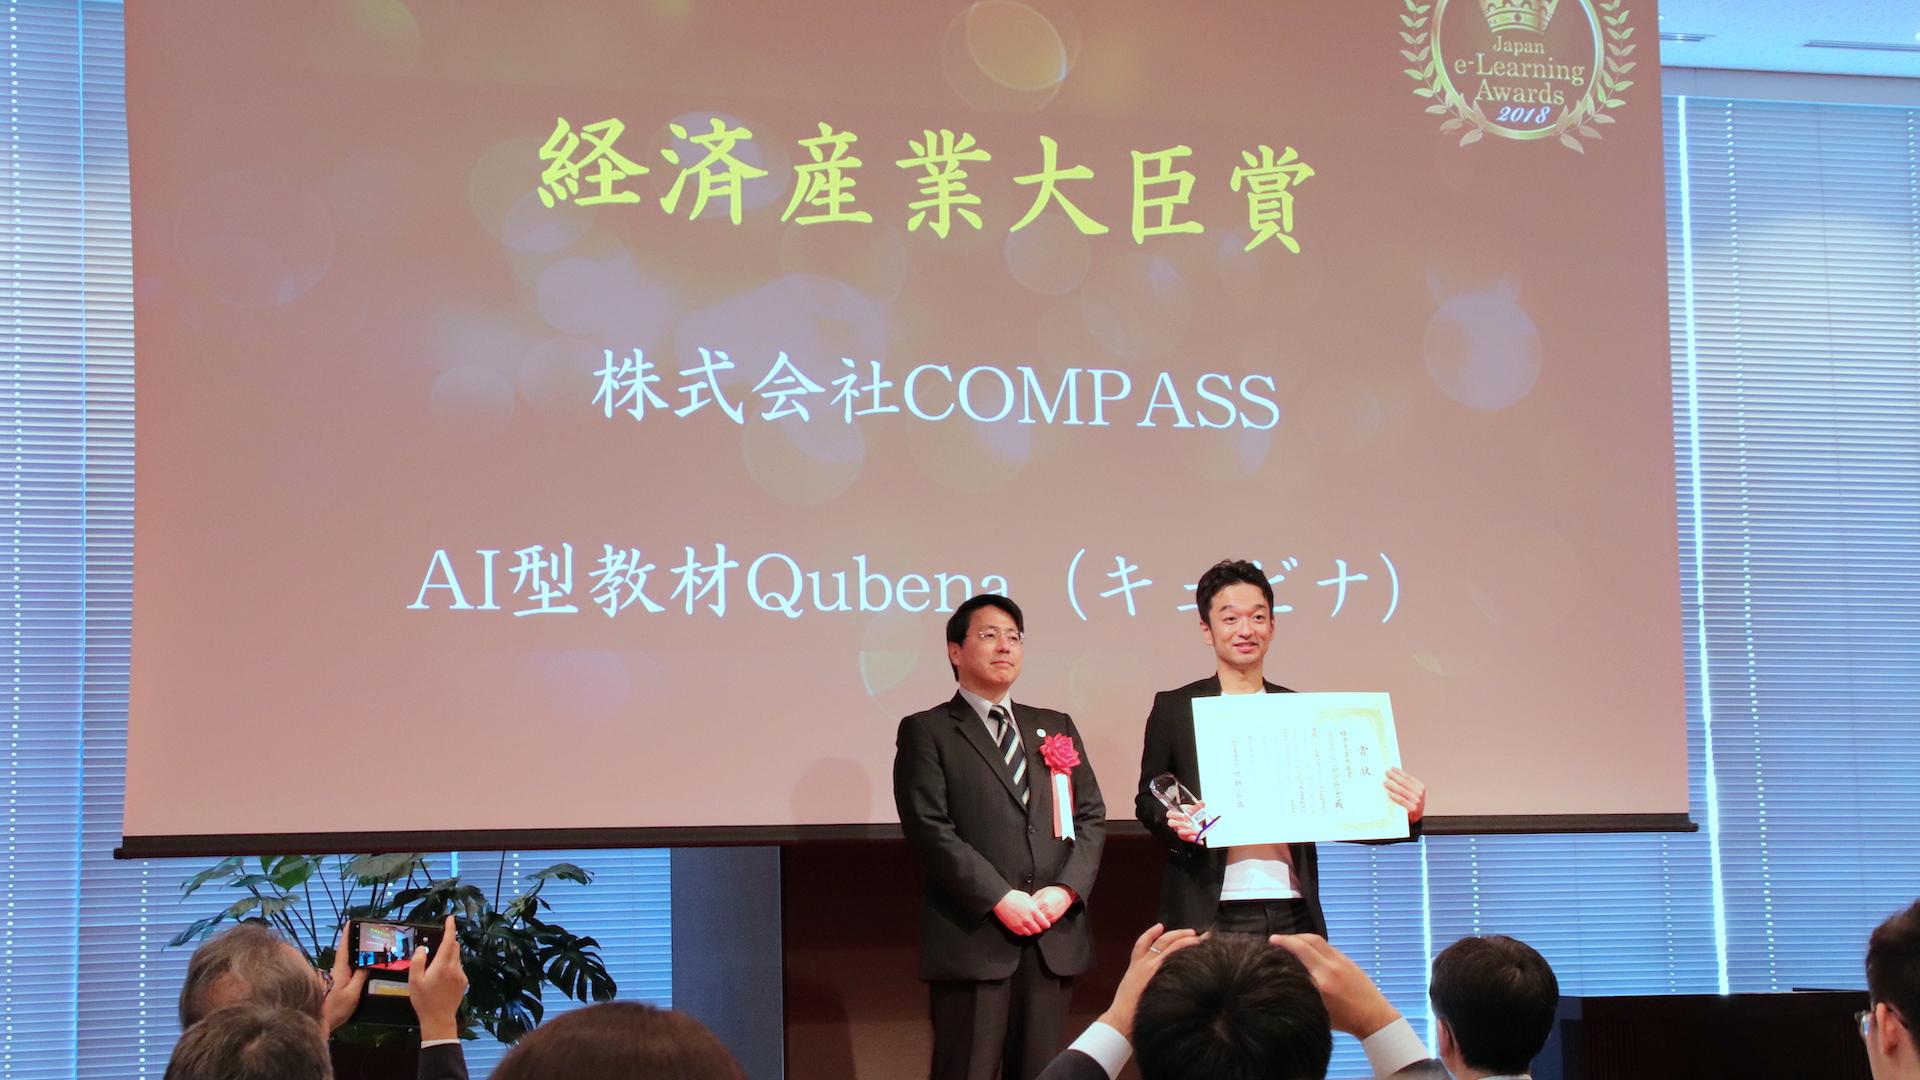 日本e-learning大賞 経済産業大臣賞受賞